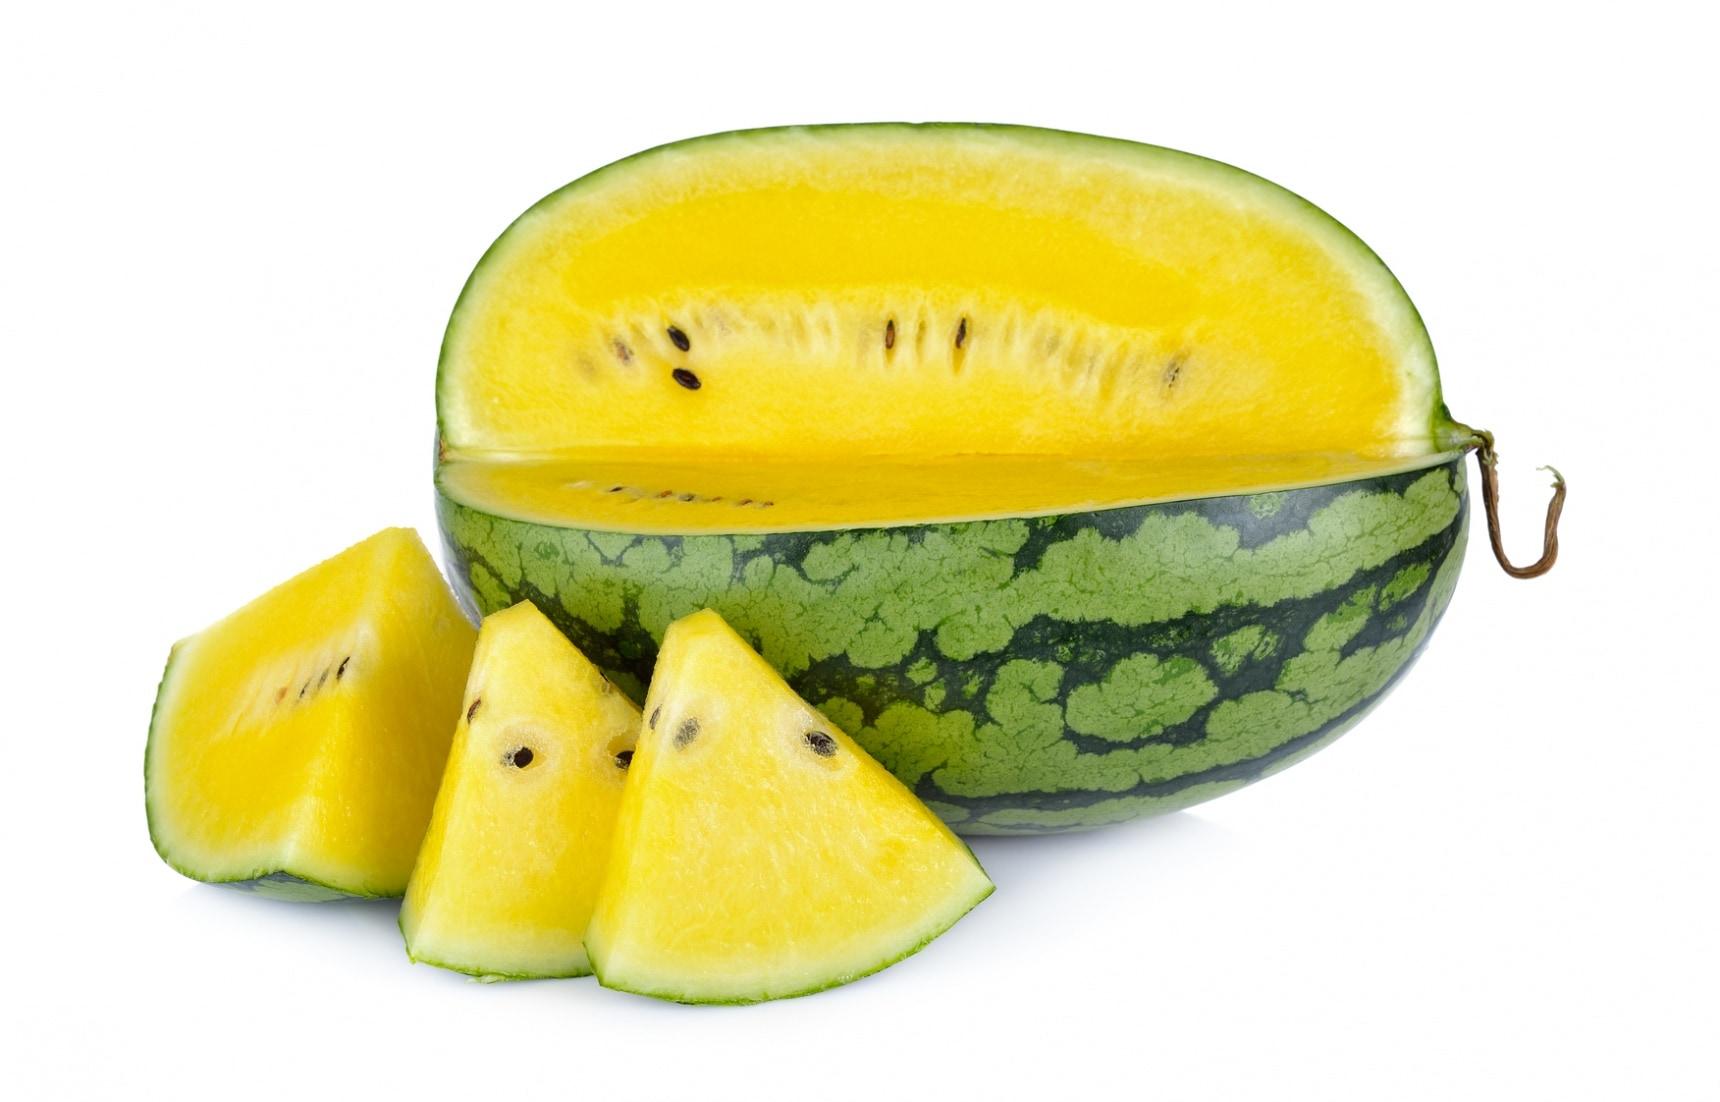 Wait, What?! A Yellow Watermelon?